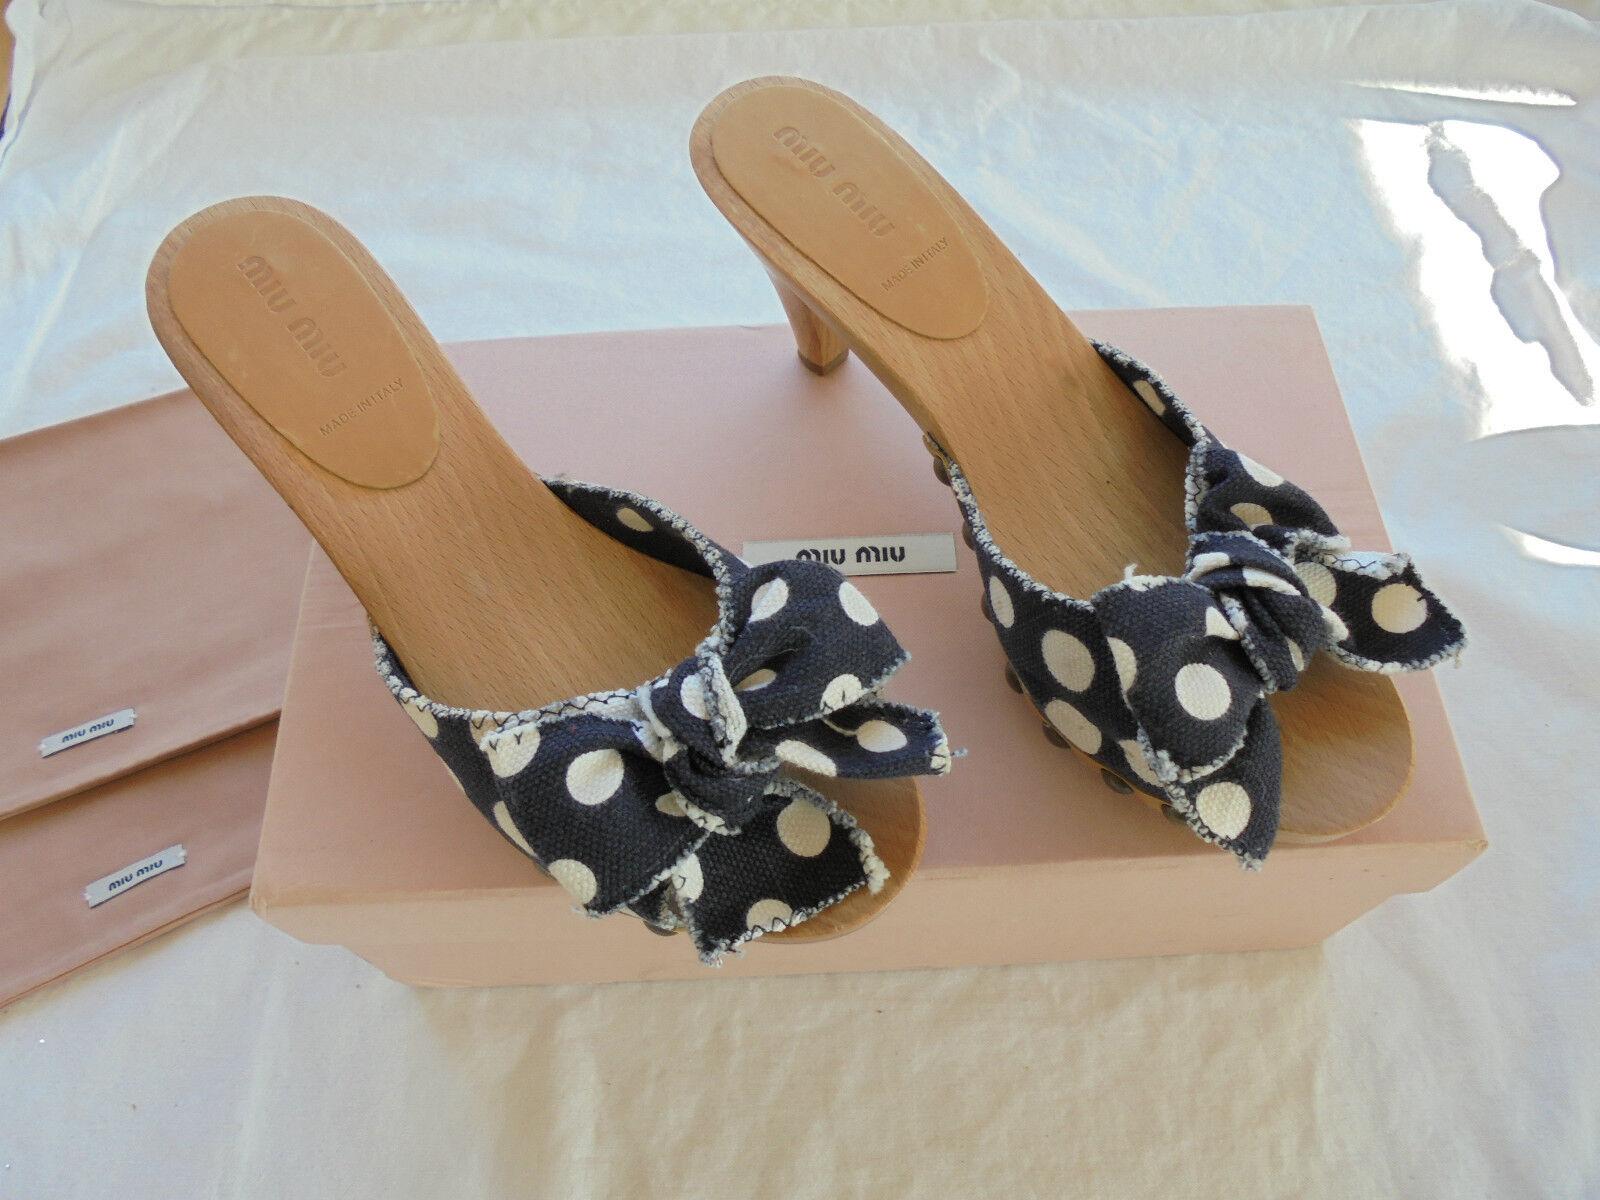 Miu NP: Miu by Prada Clogs NP: Miu  w NEU + OVP Sandalen Pumps Schuhe Pantoletten 37 69ccc7